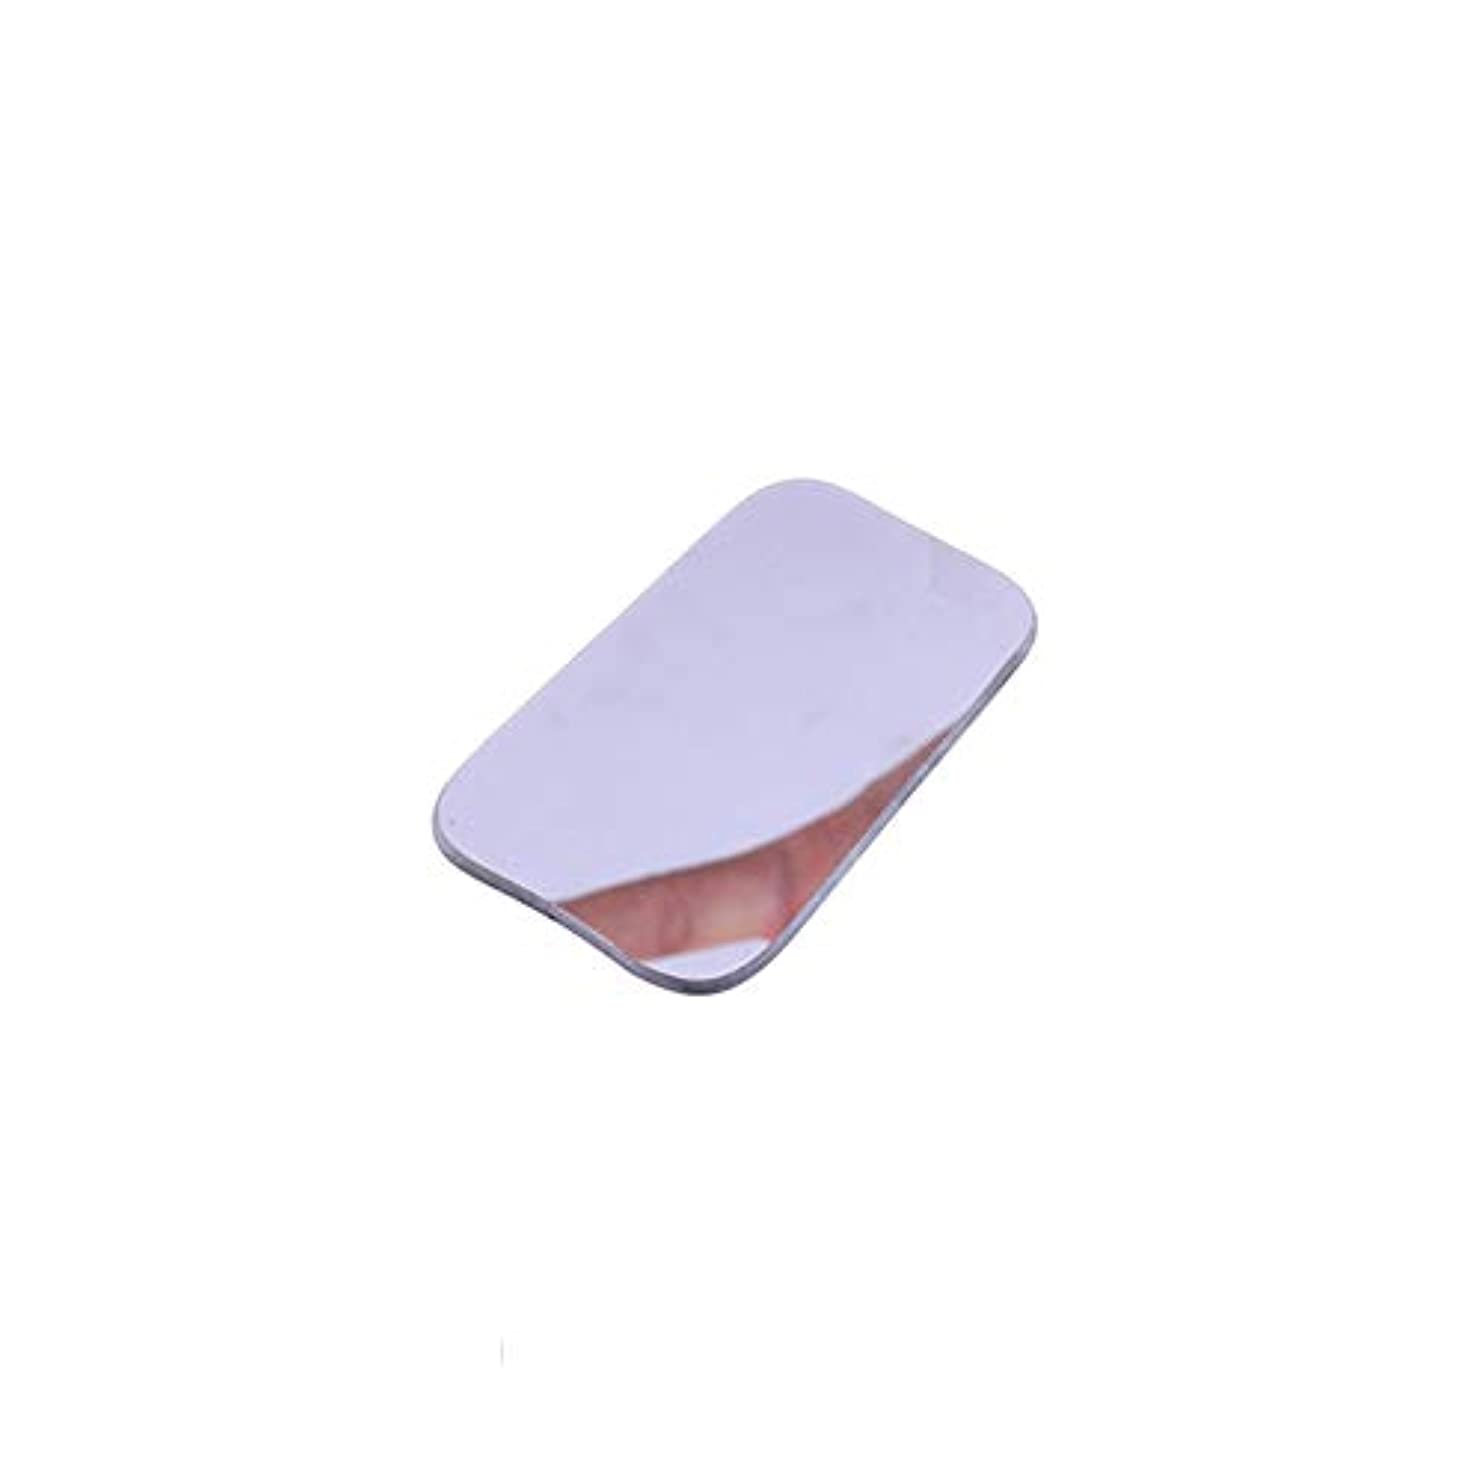 血まみれの自我排除Oral Dentistry 歯科用 イントラオーラル 歯科用写真ミラー 歯科用リフレクターミラー ロジウム咬合ガラス 両面矯正ミラー 歯科用ツール(一つ) (4#)